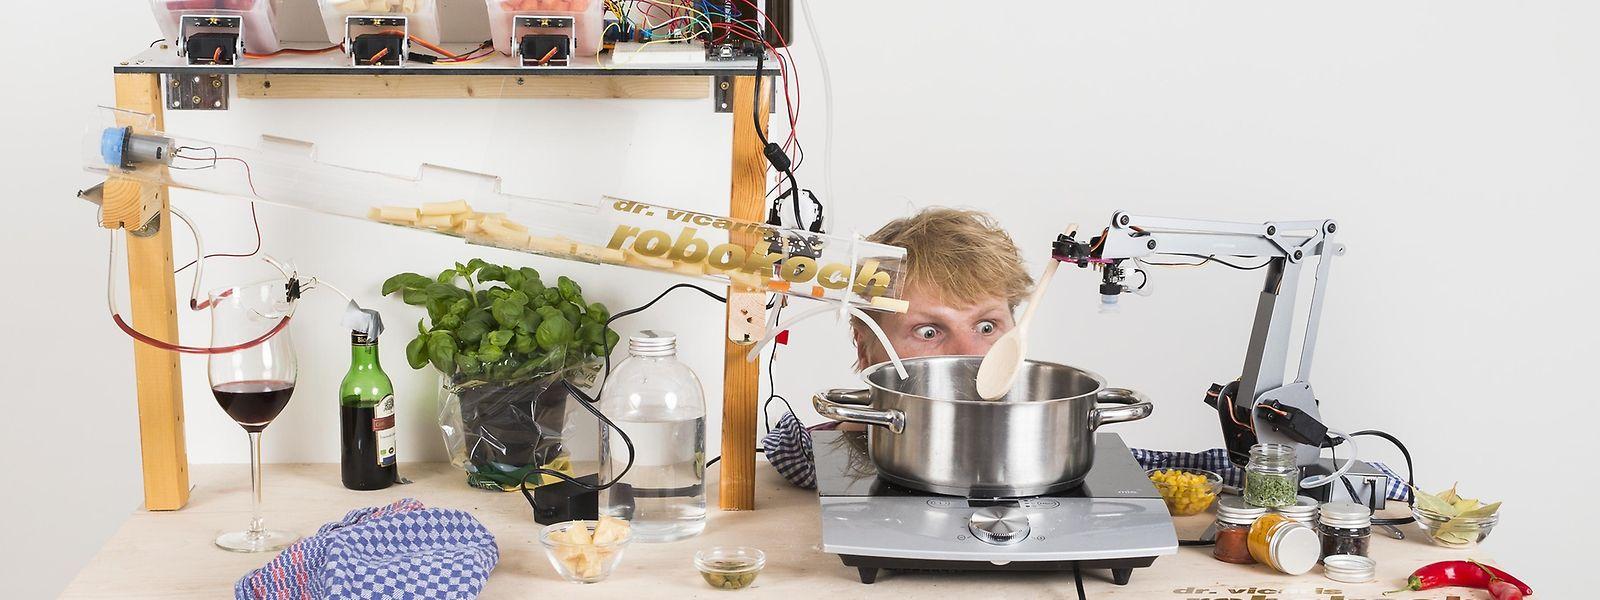 Wissenschaftsjournalist Jakob Vicari und sein Kochroboter.